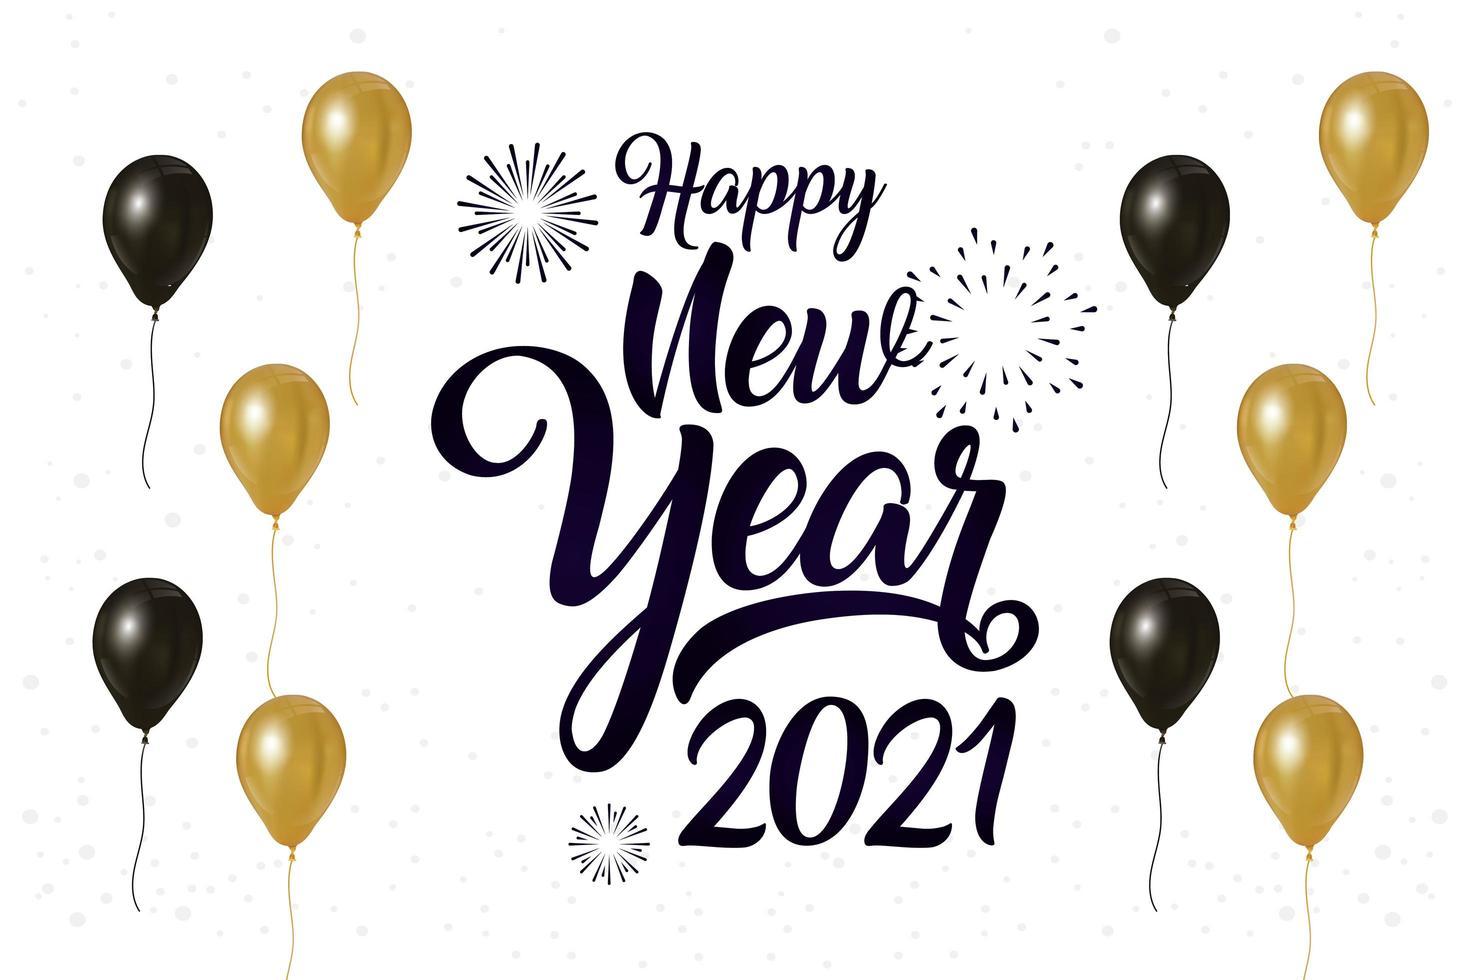 gott nytt år, 2021 firande affisch med ballonger vektor